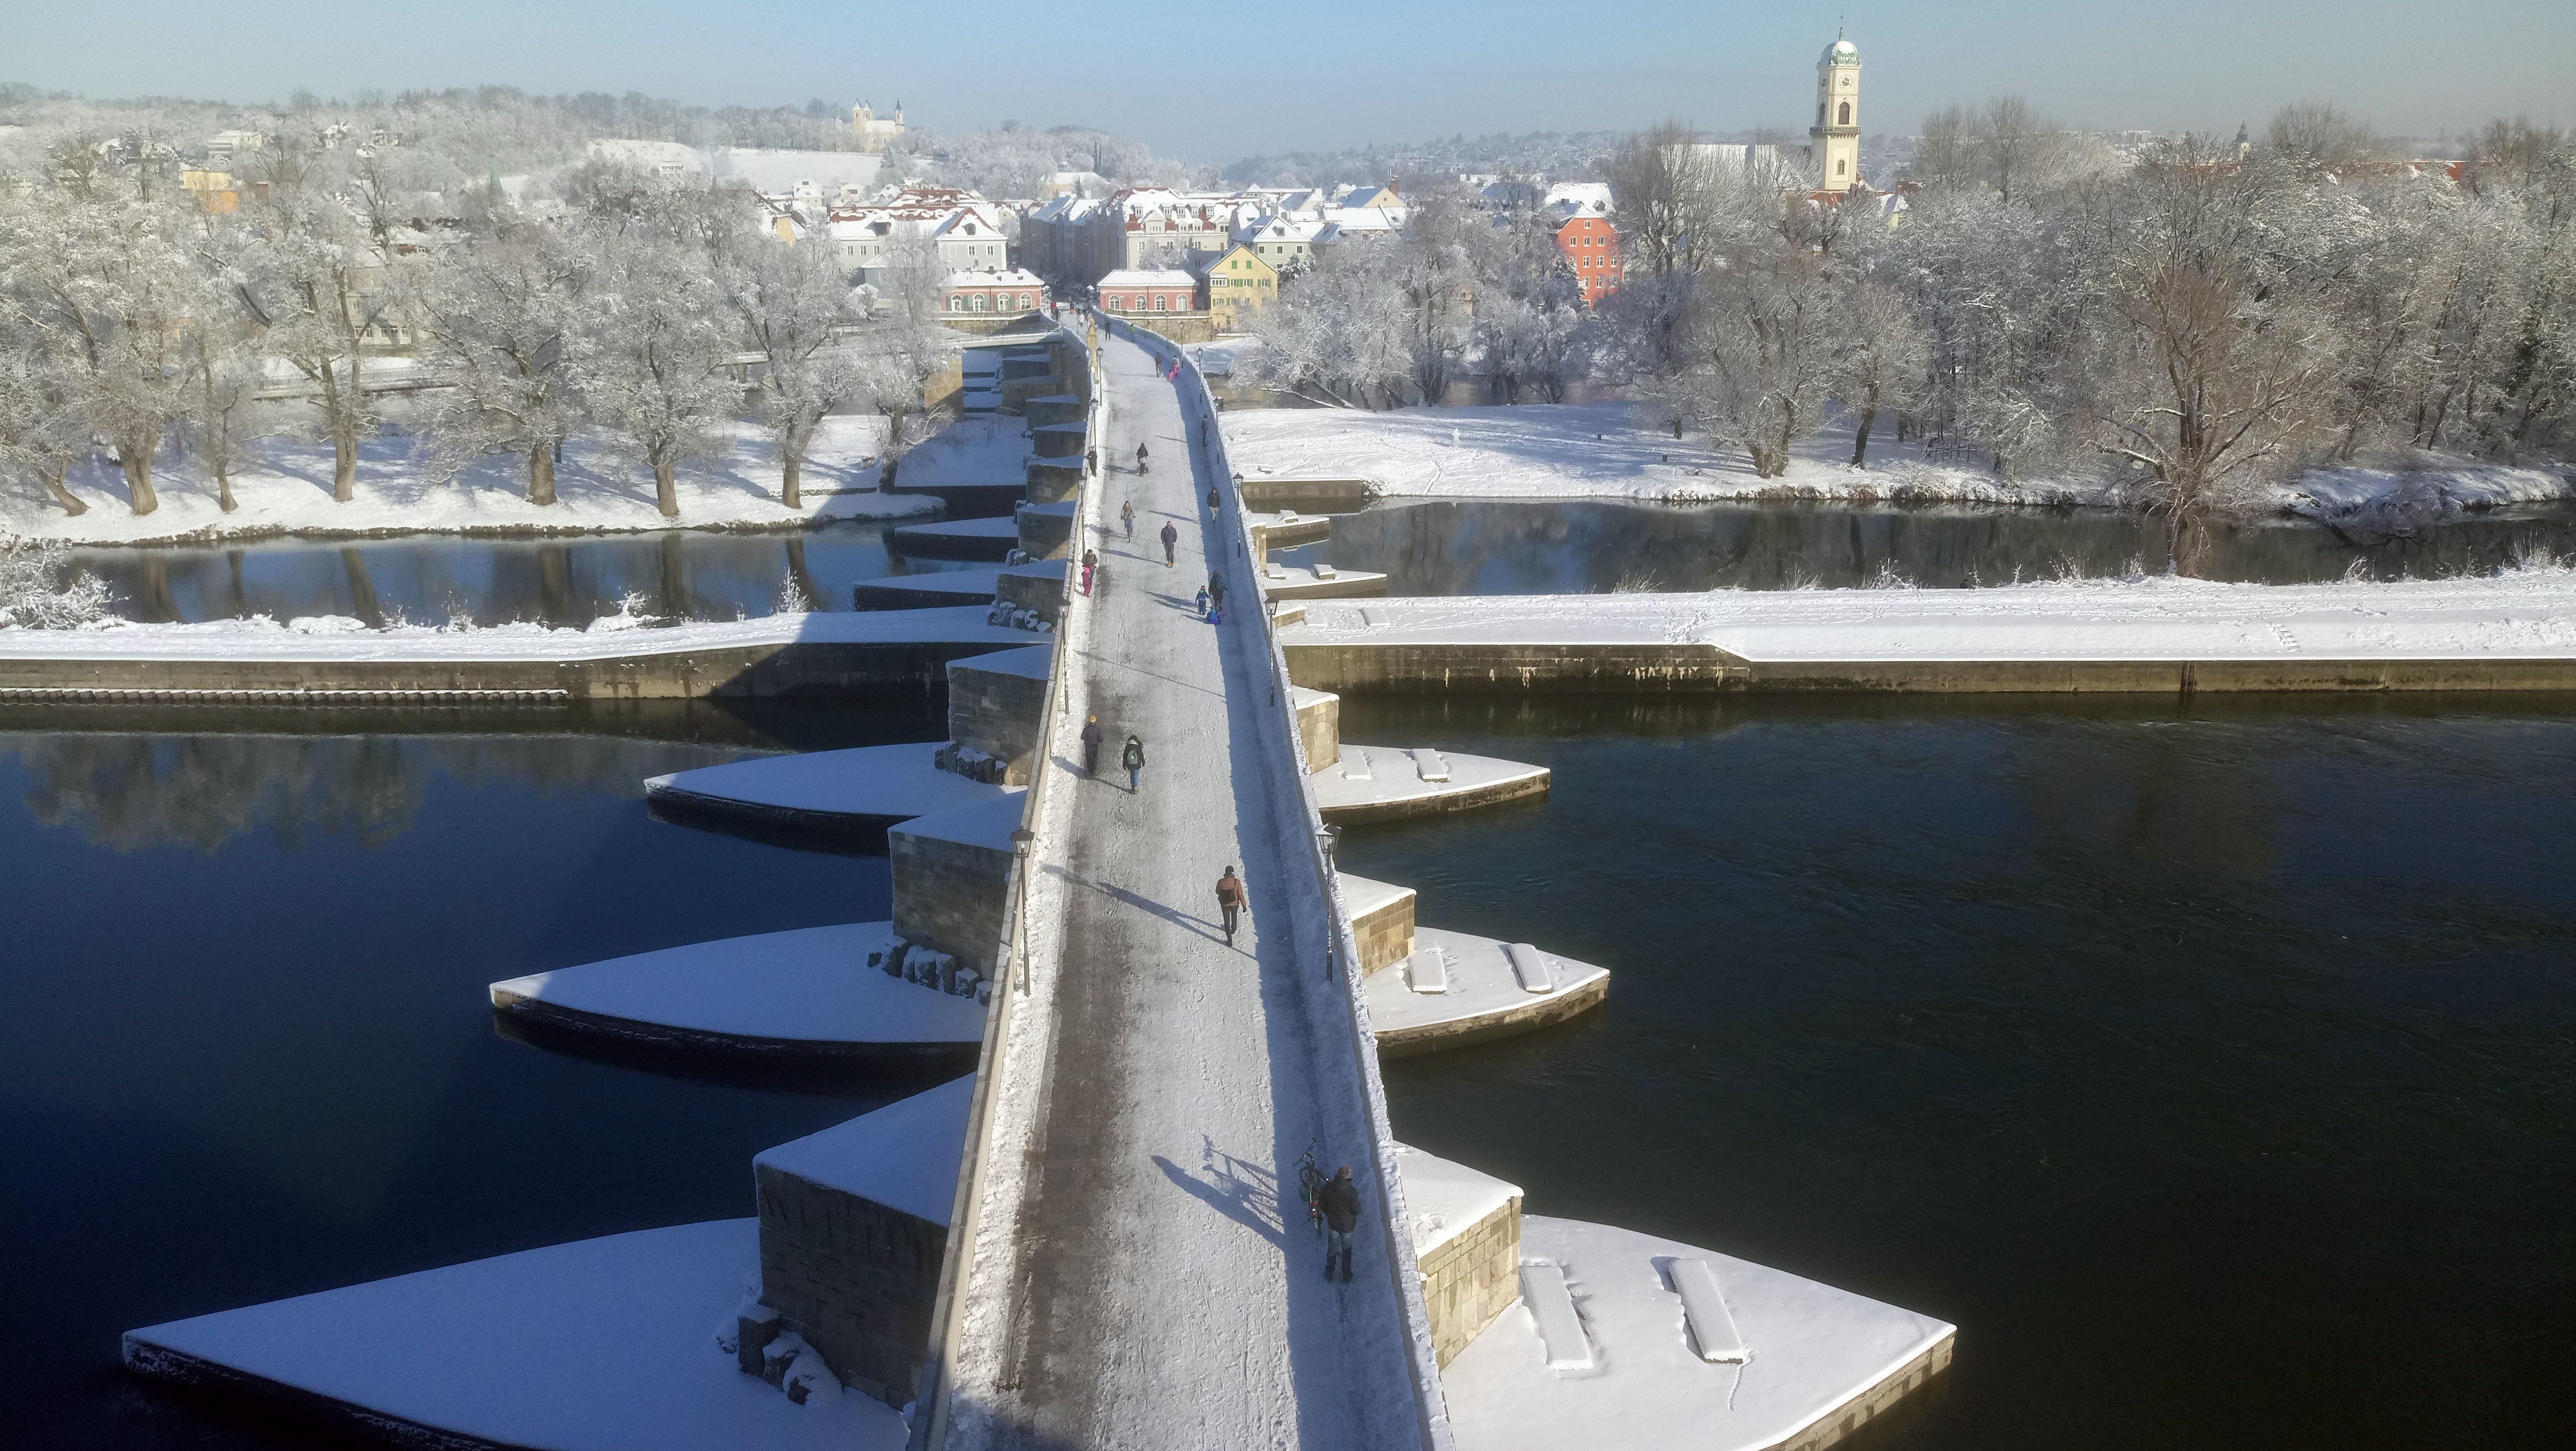 Die Steinerne Brücke in Regensburg: Nach den heftigen Schneefällen vom Sonntag kam am Montag die Sonne raus.